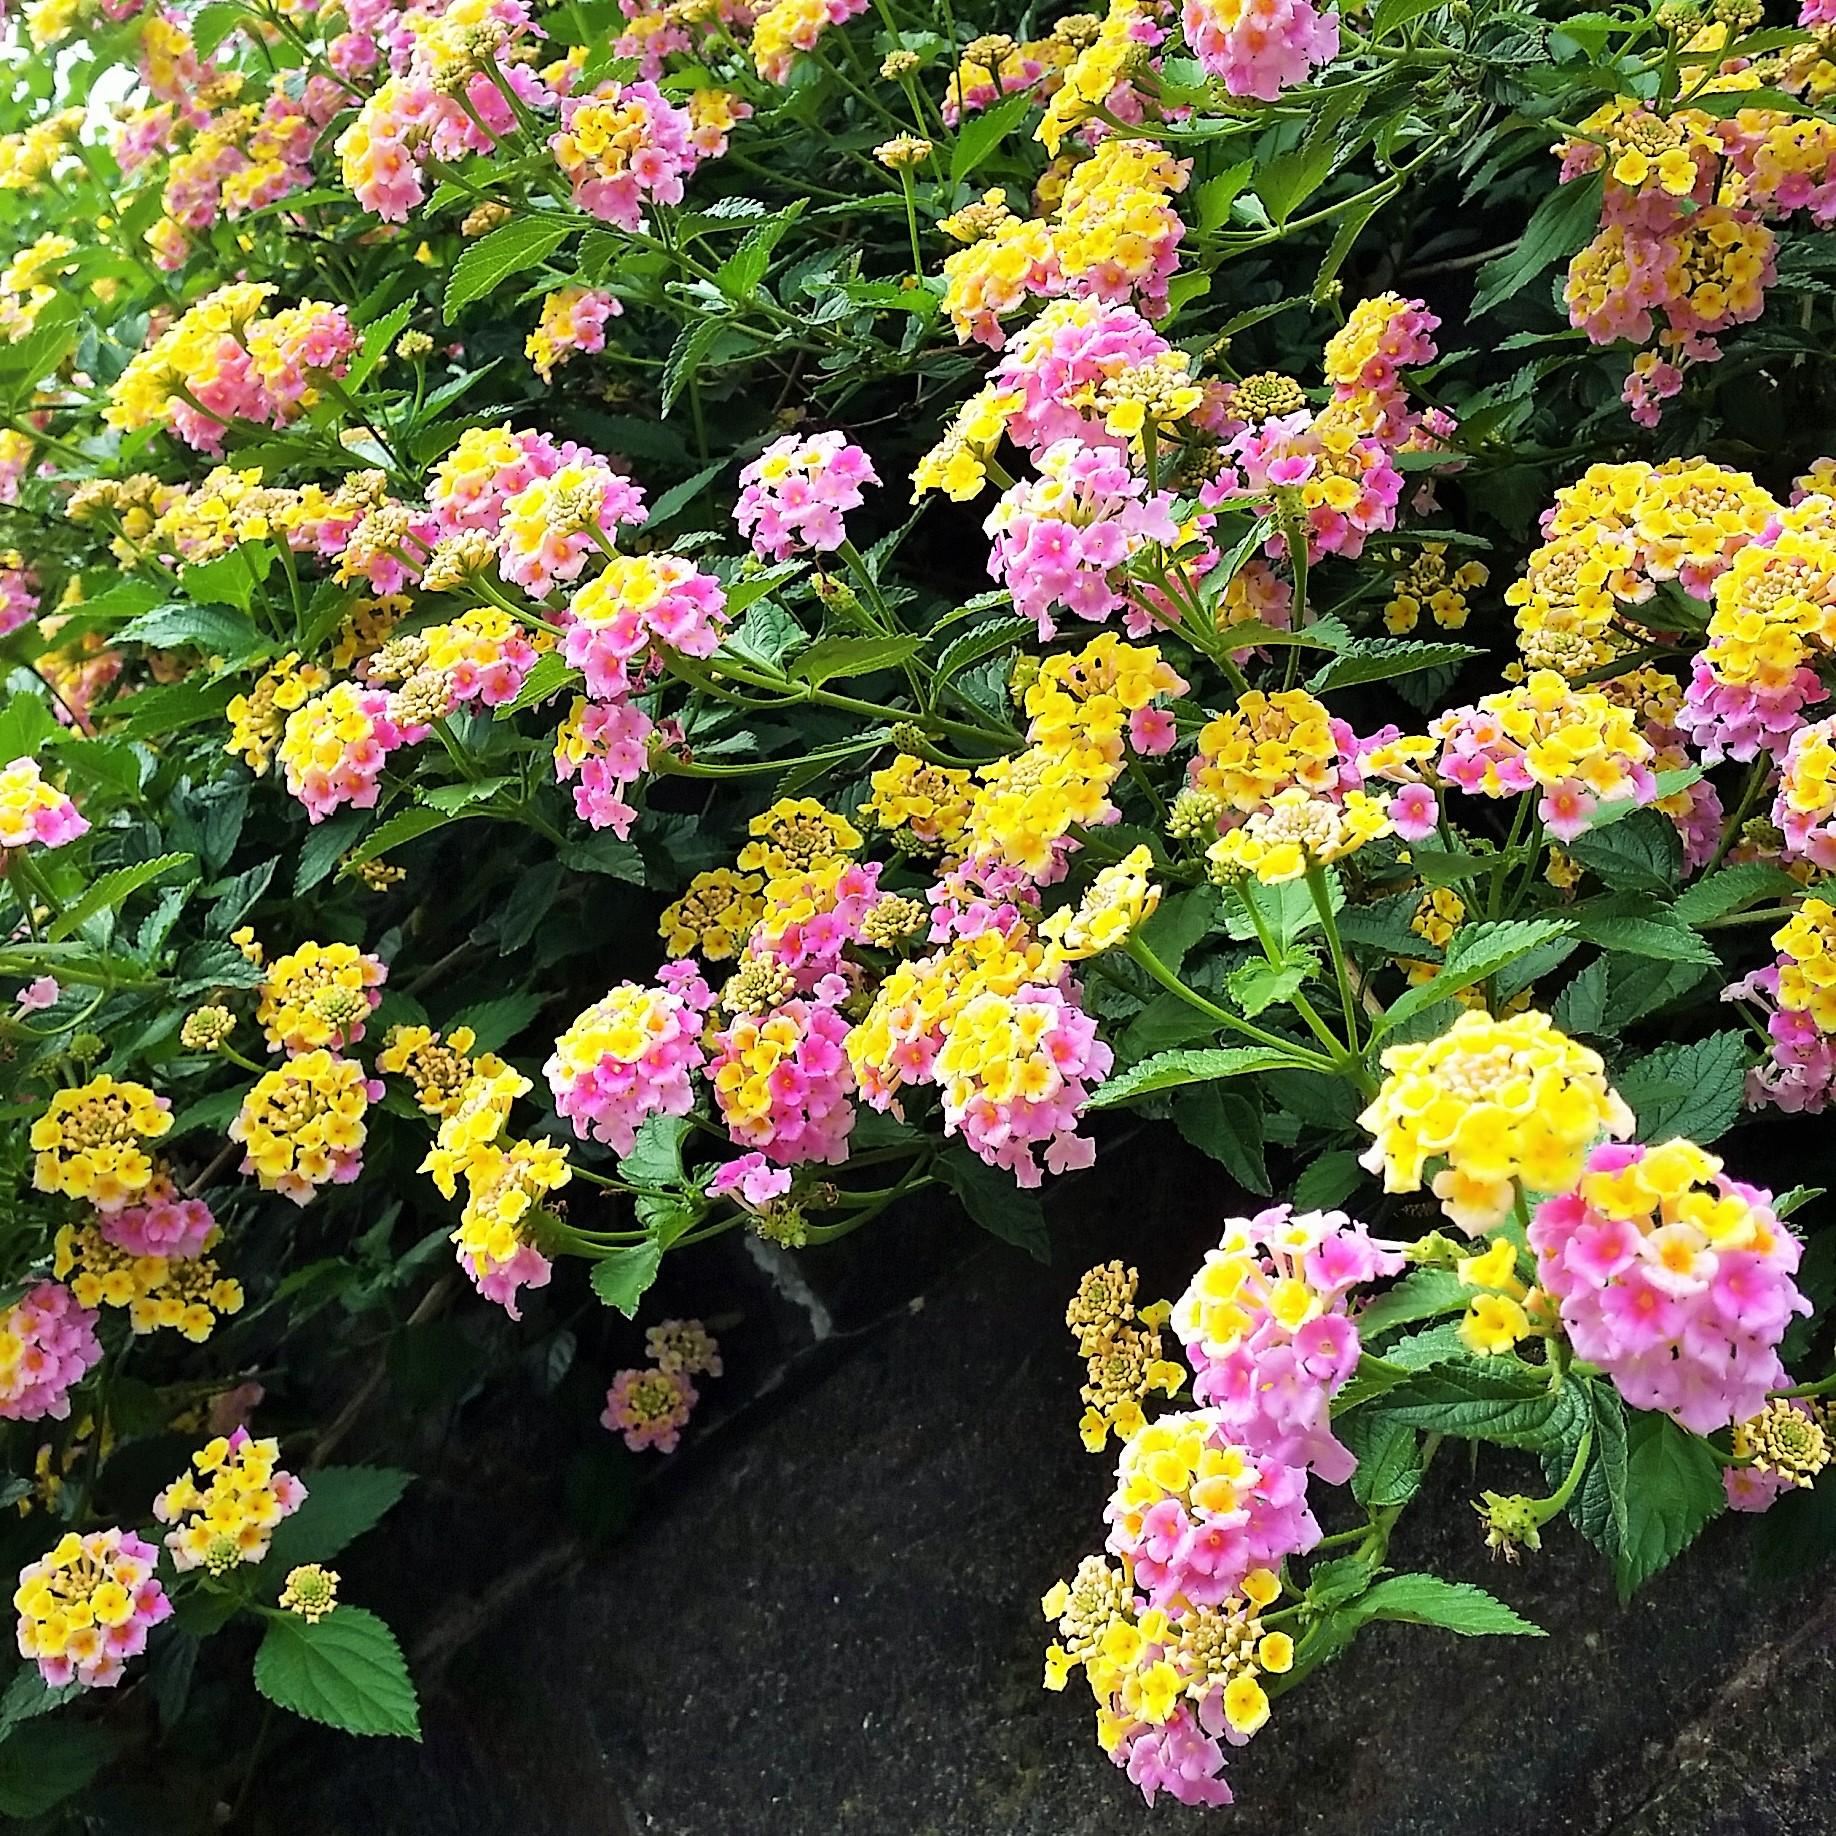 道端で見つけた鮮やかなピンクと黄色い花